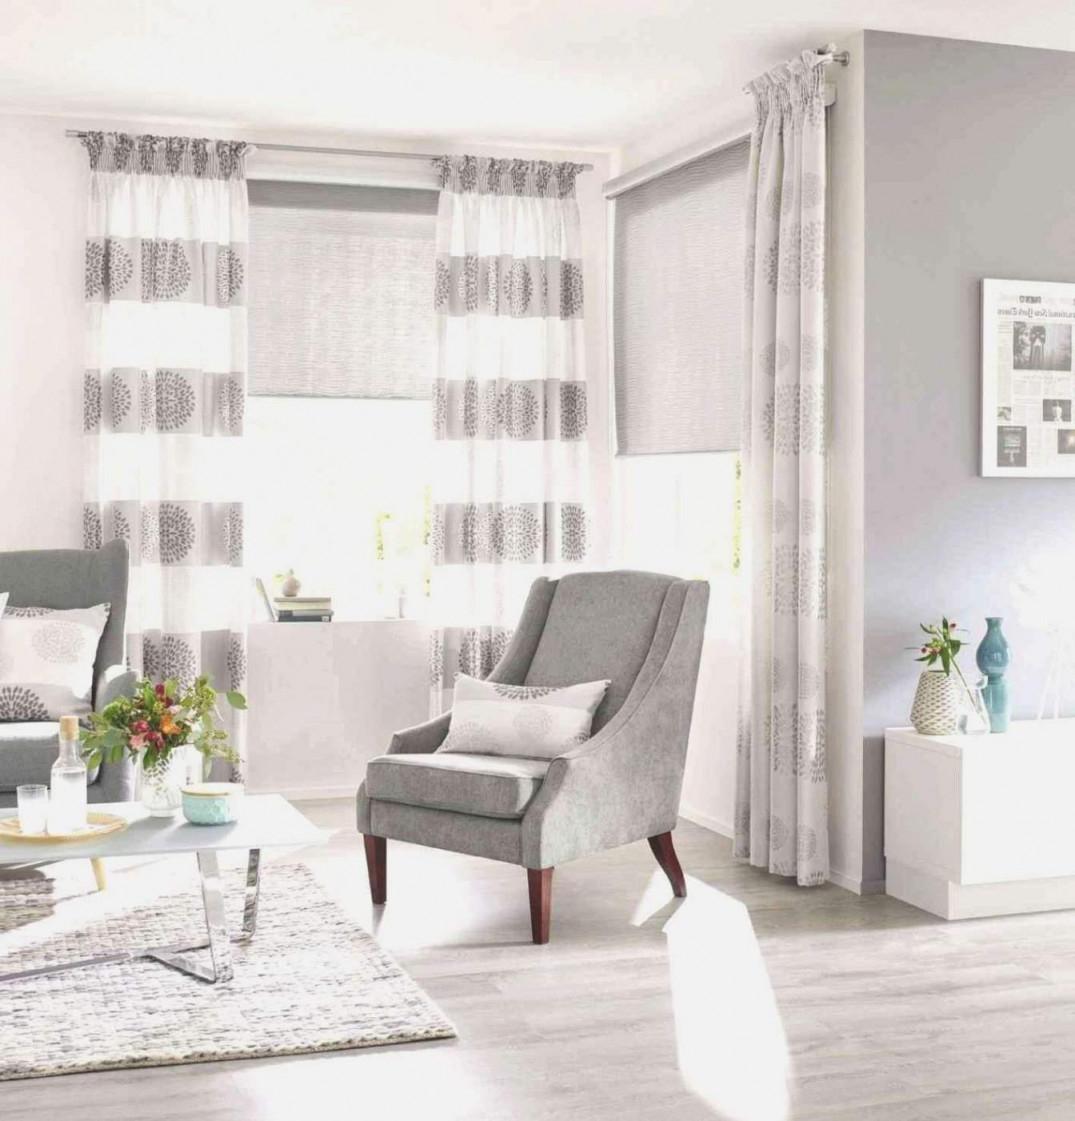 36 Elegant Wohnzimmer Vorhang Einzigartig  Wohnzimmer Frisch von Schöne Wohnzimmer Gardinen Bild